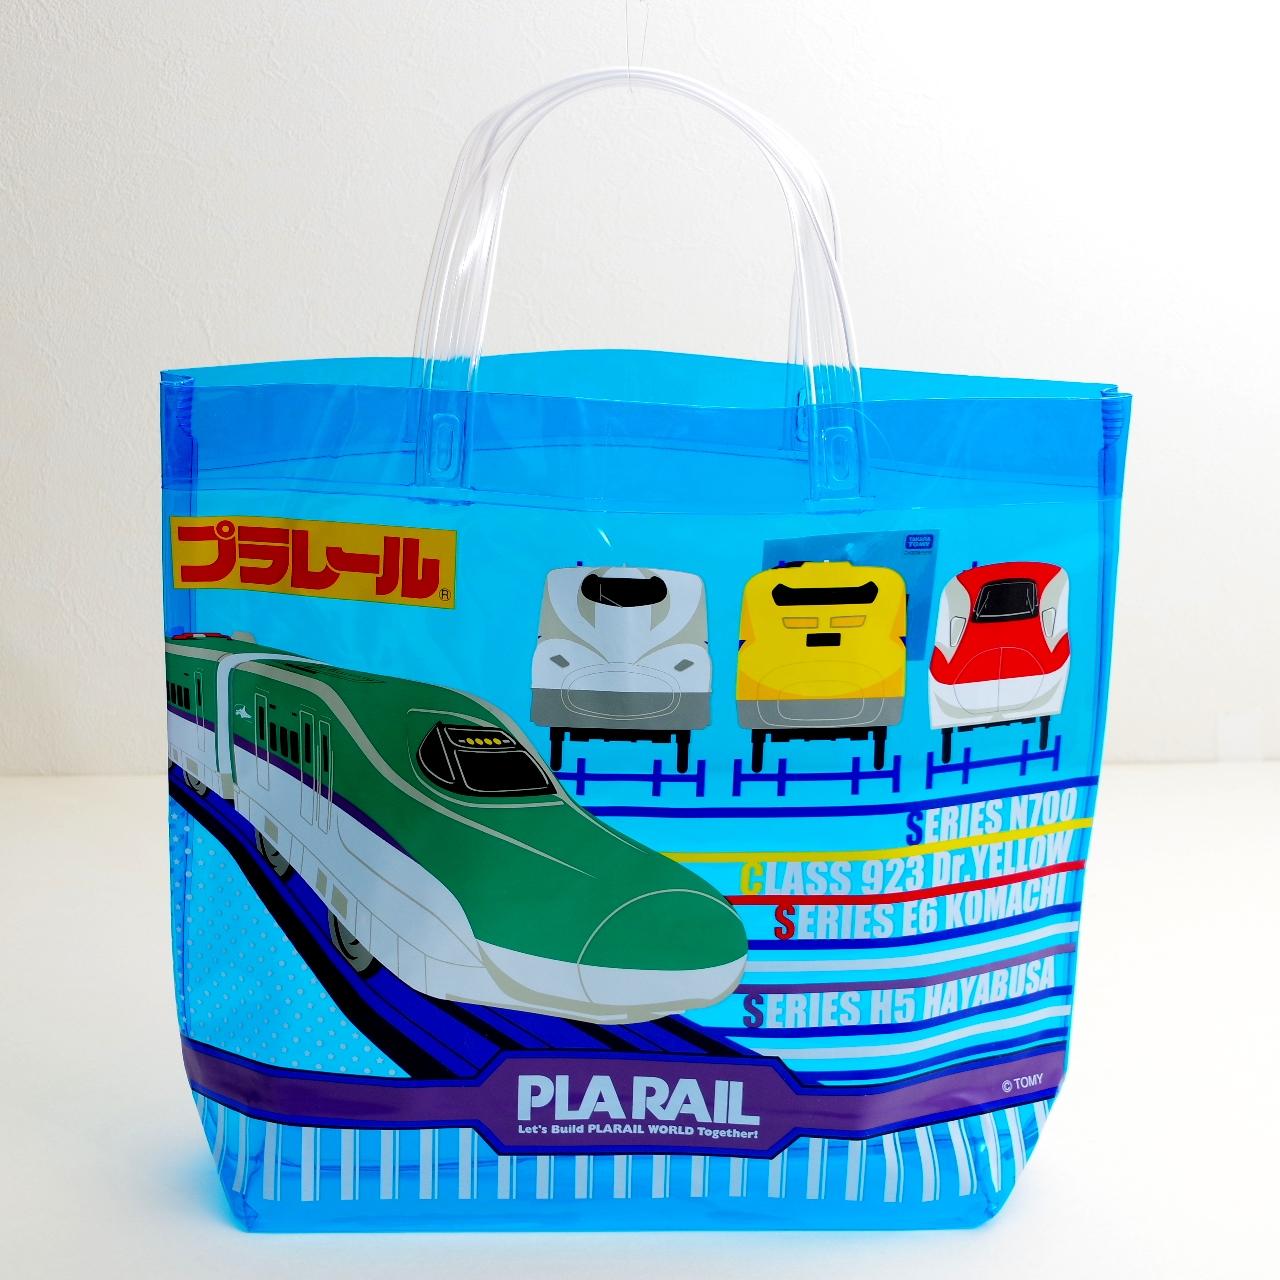 日本製 プラレール プールバッグ ビーチバッグ  (LB8-980)